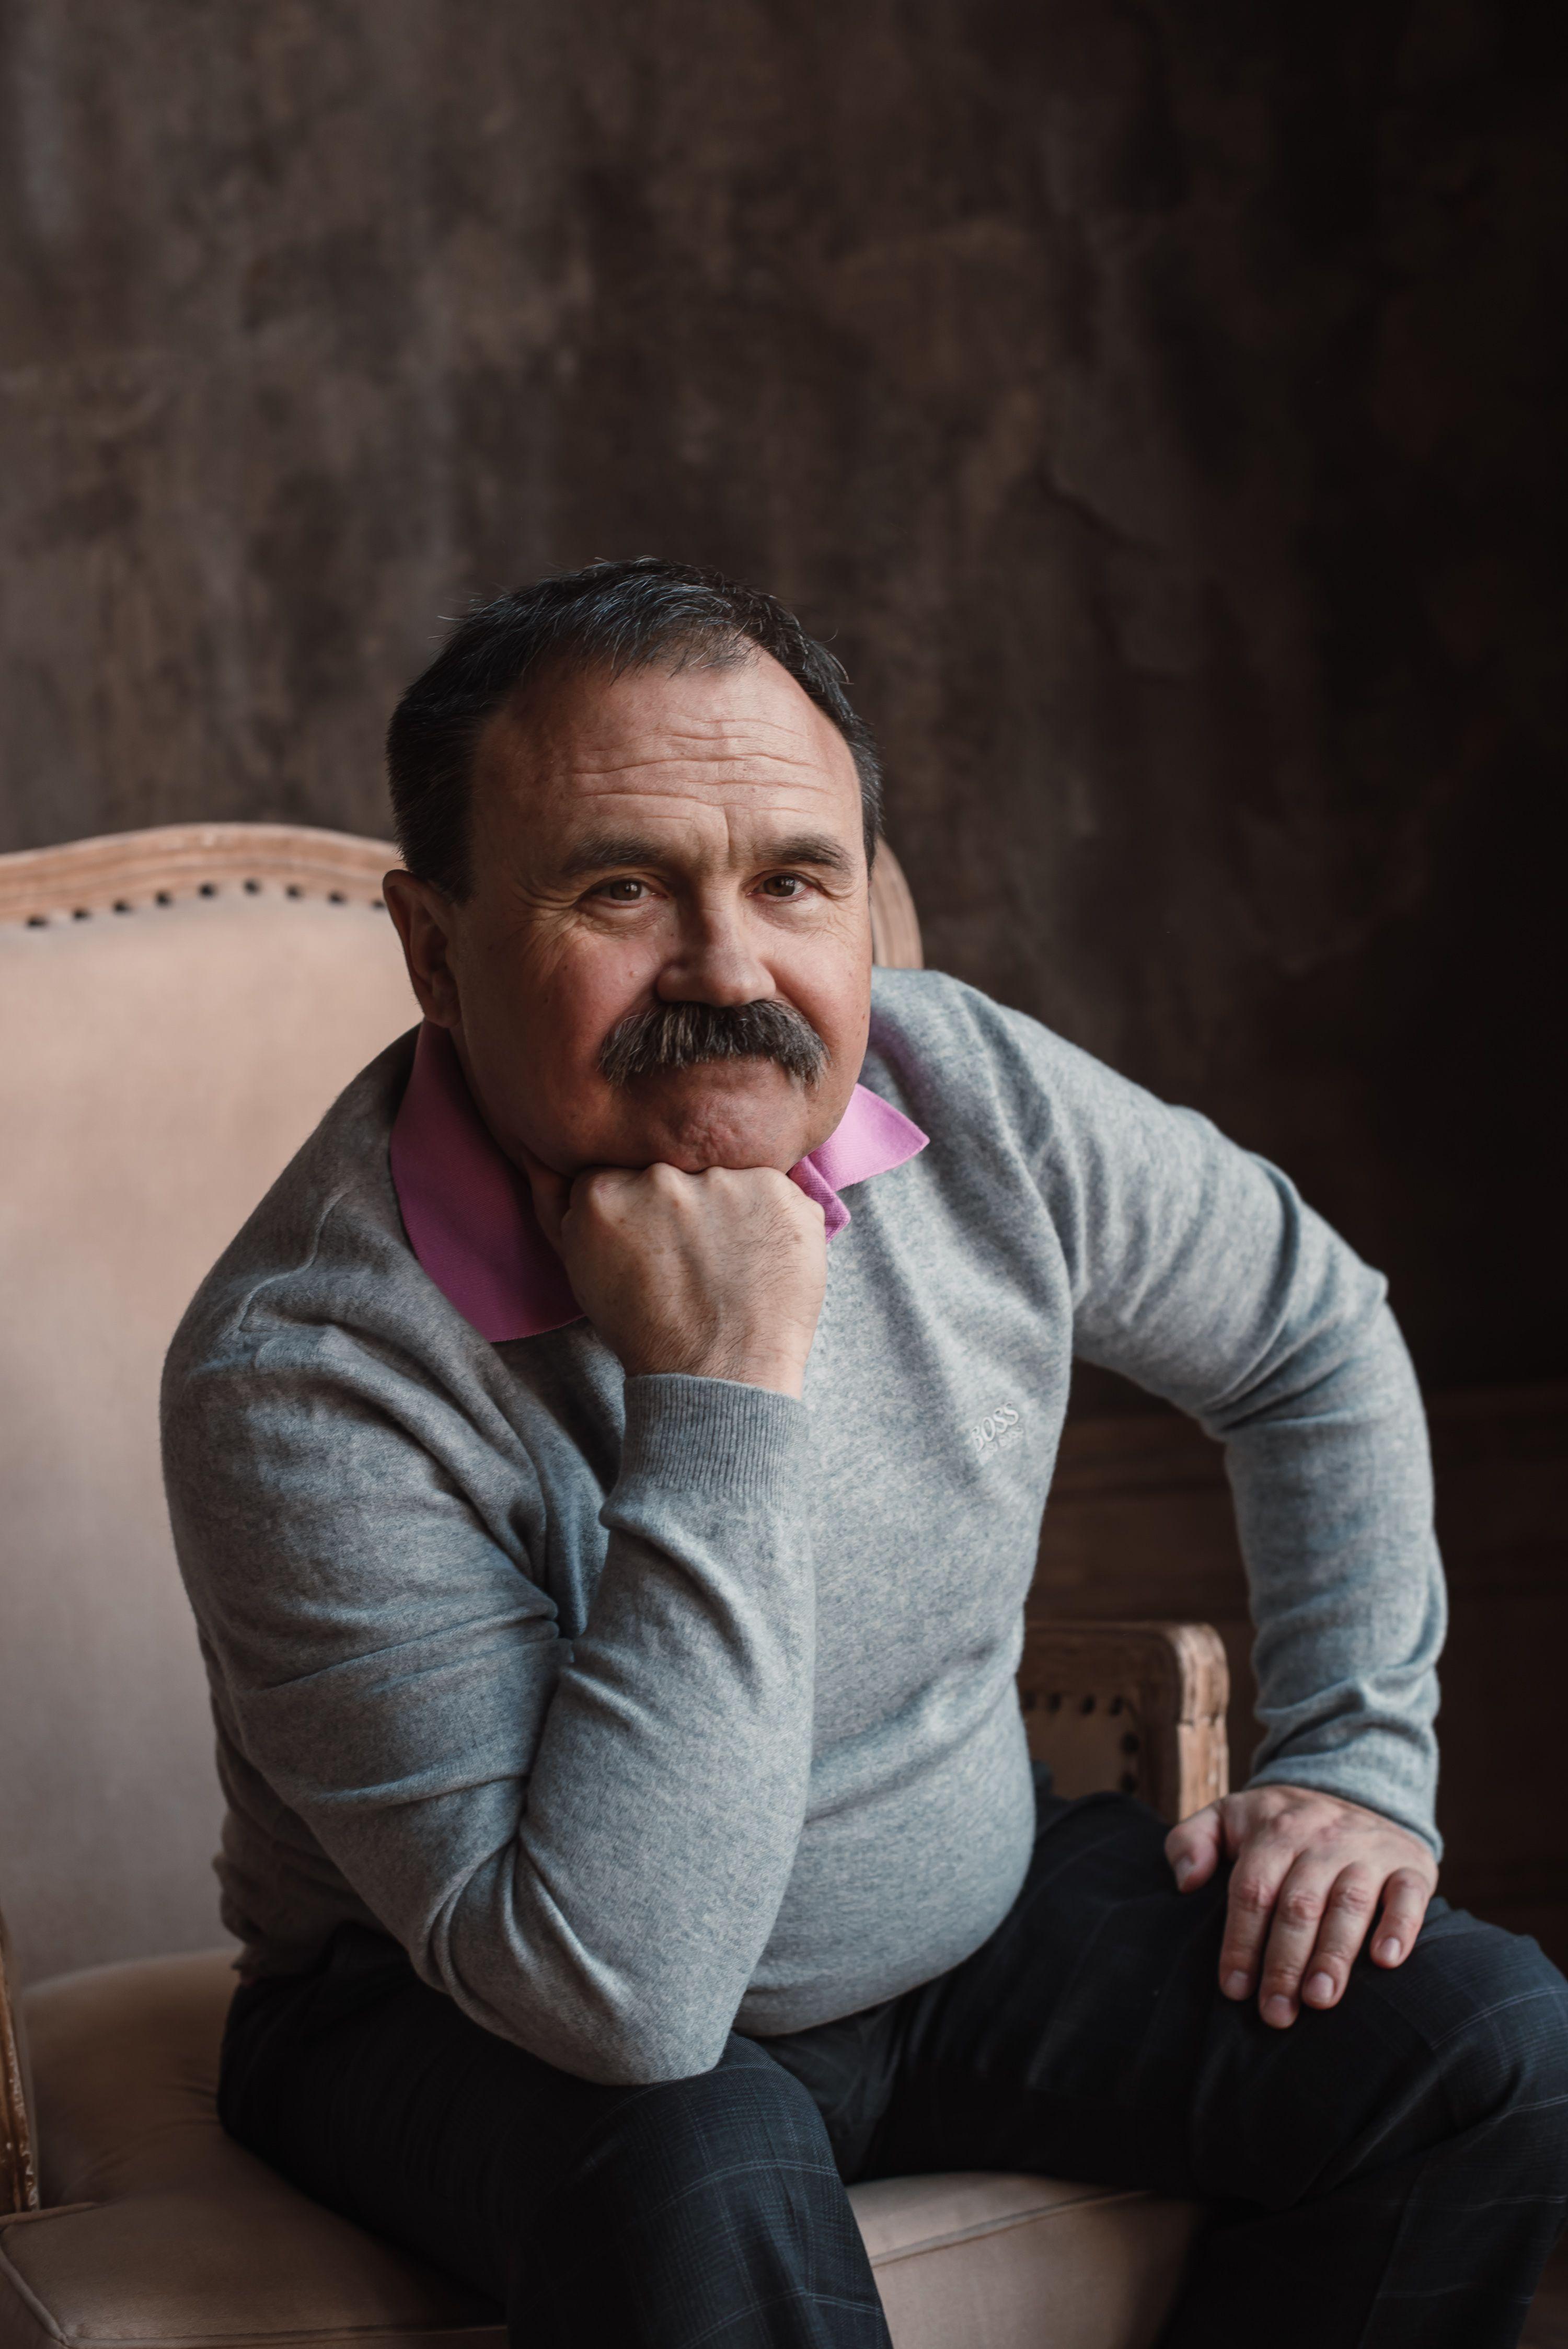 27 апреля 2018 года. Писатель Сергей Литвинов живет в Орехове-Борисове Южном с 1986 года. Фото: из личного архива